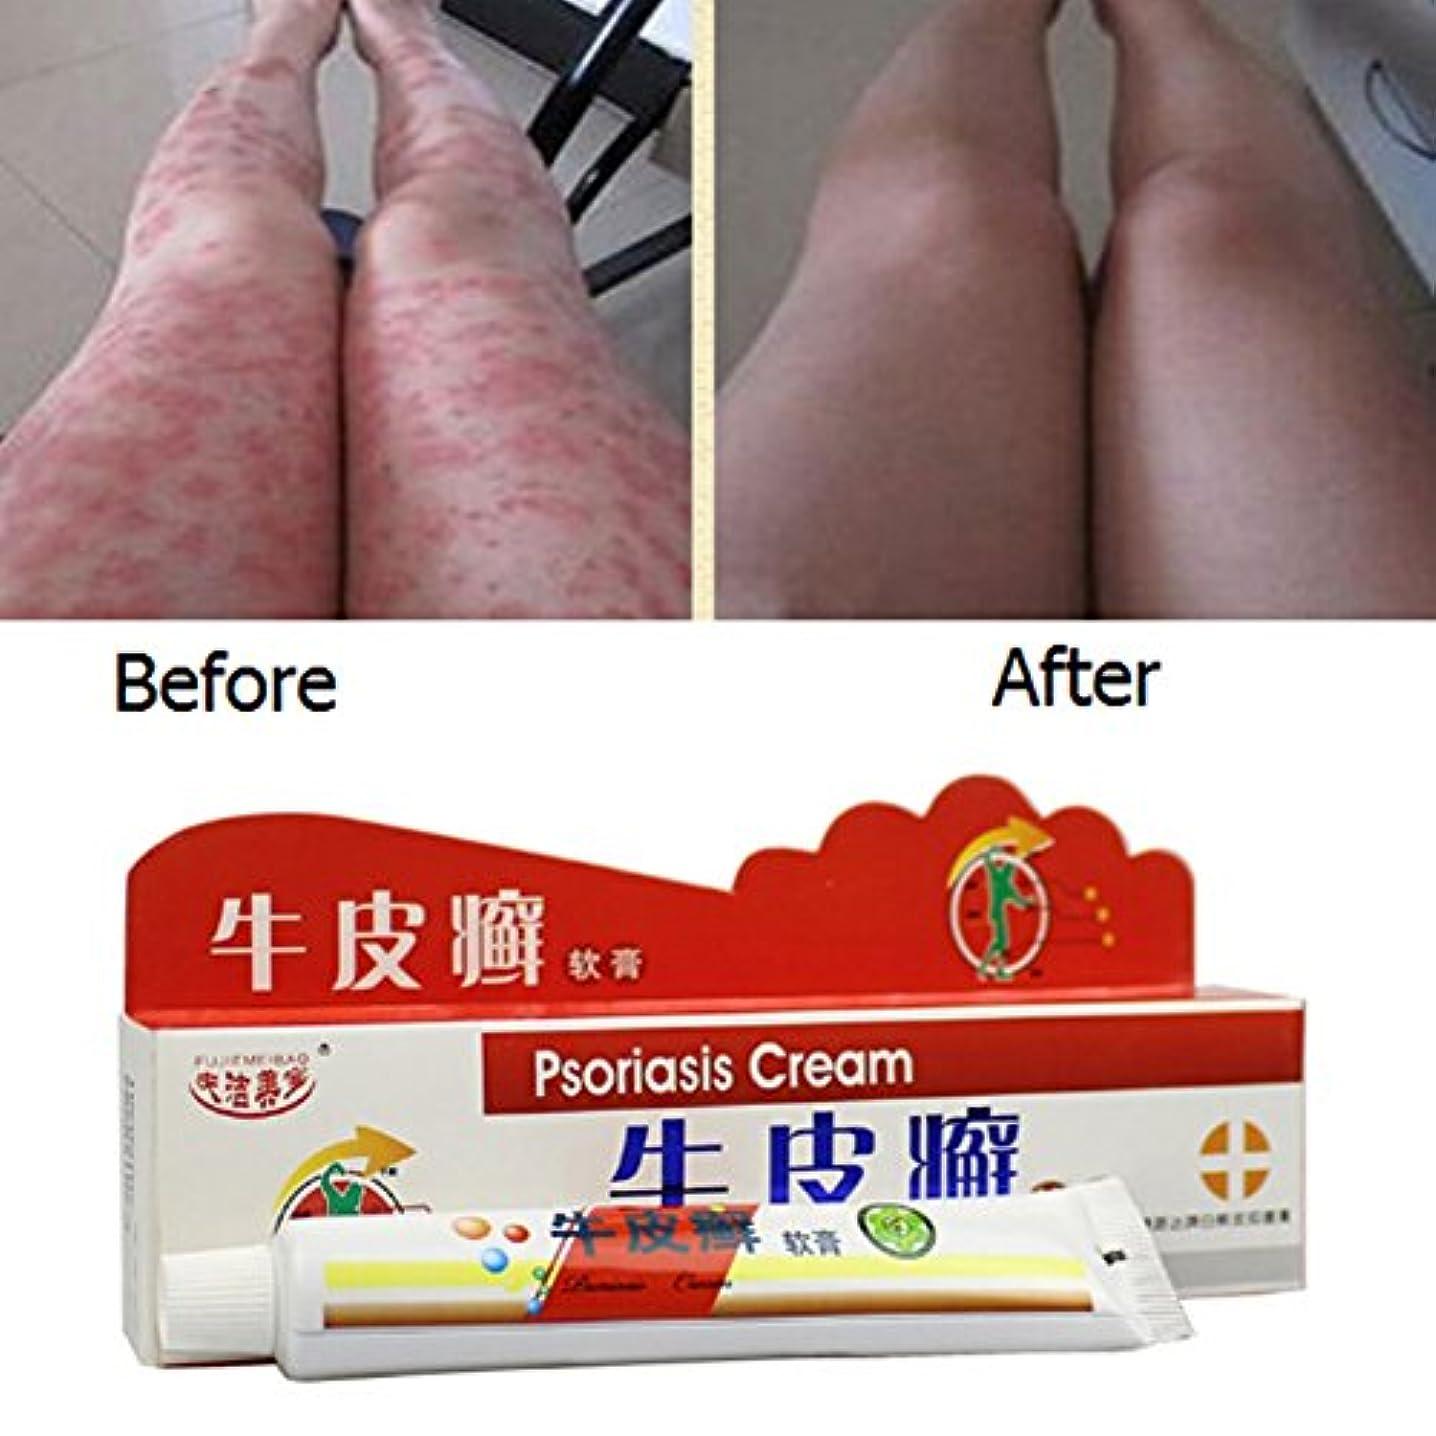 弾薬シュガートーストBalai 乾癬クリーム 中国のハーブ抗菌軟膏クリーム 湿疹乾癬 治療かゆみ止めクリーム